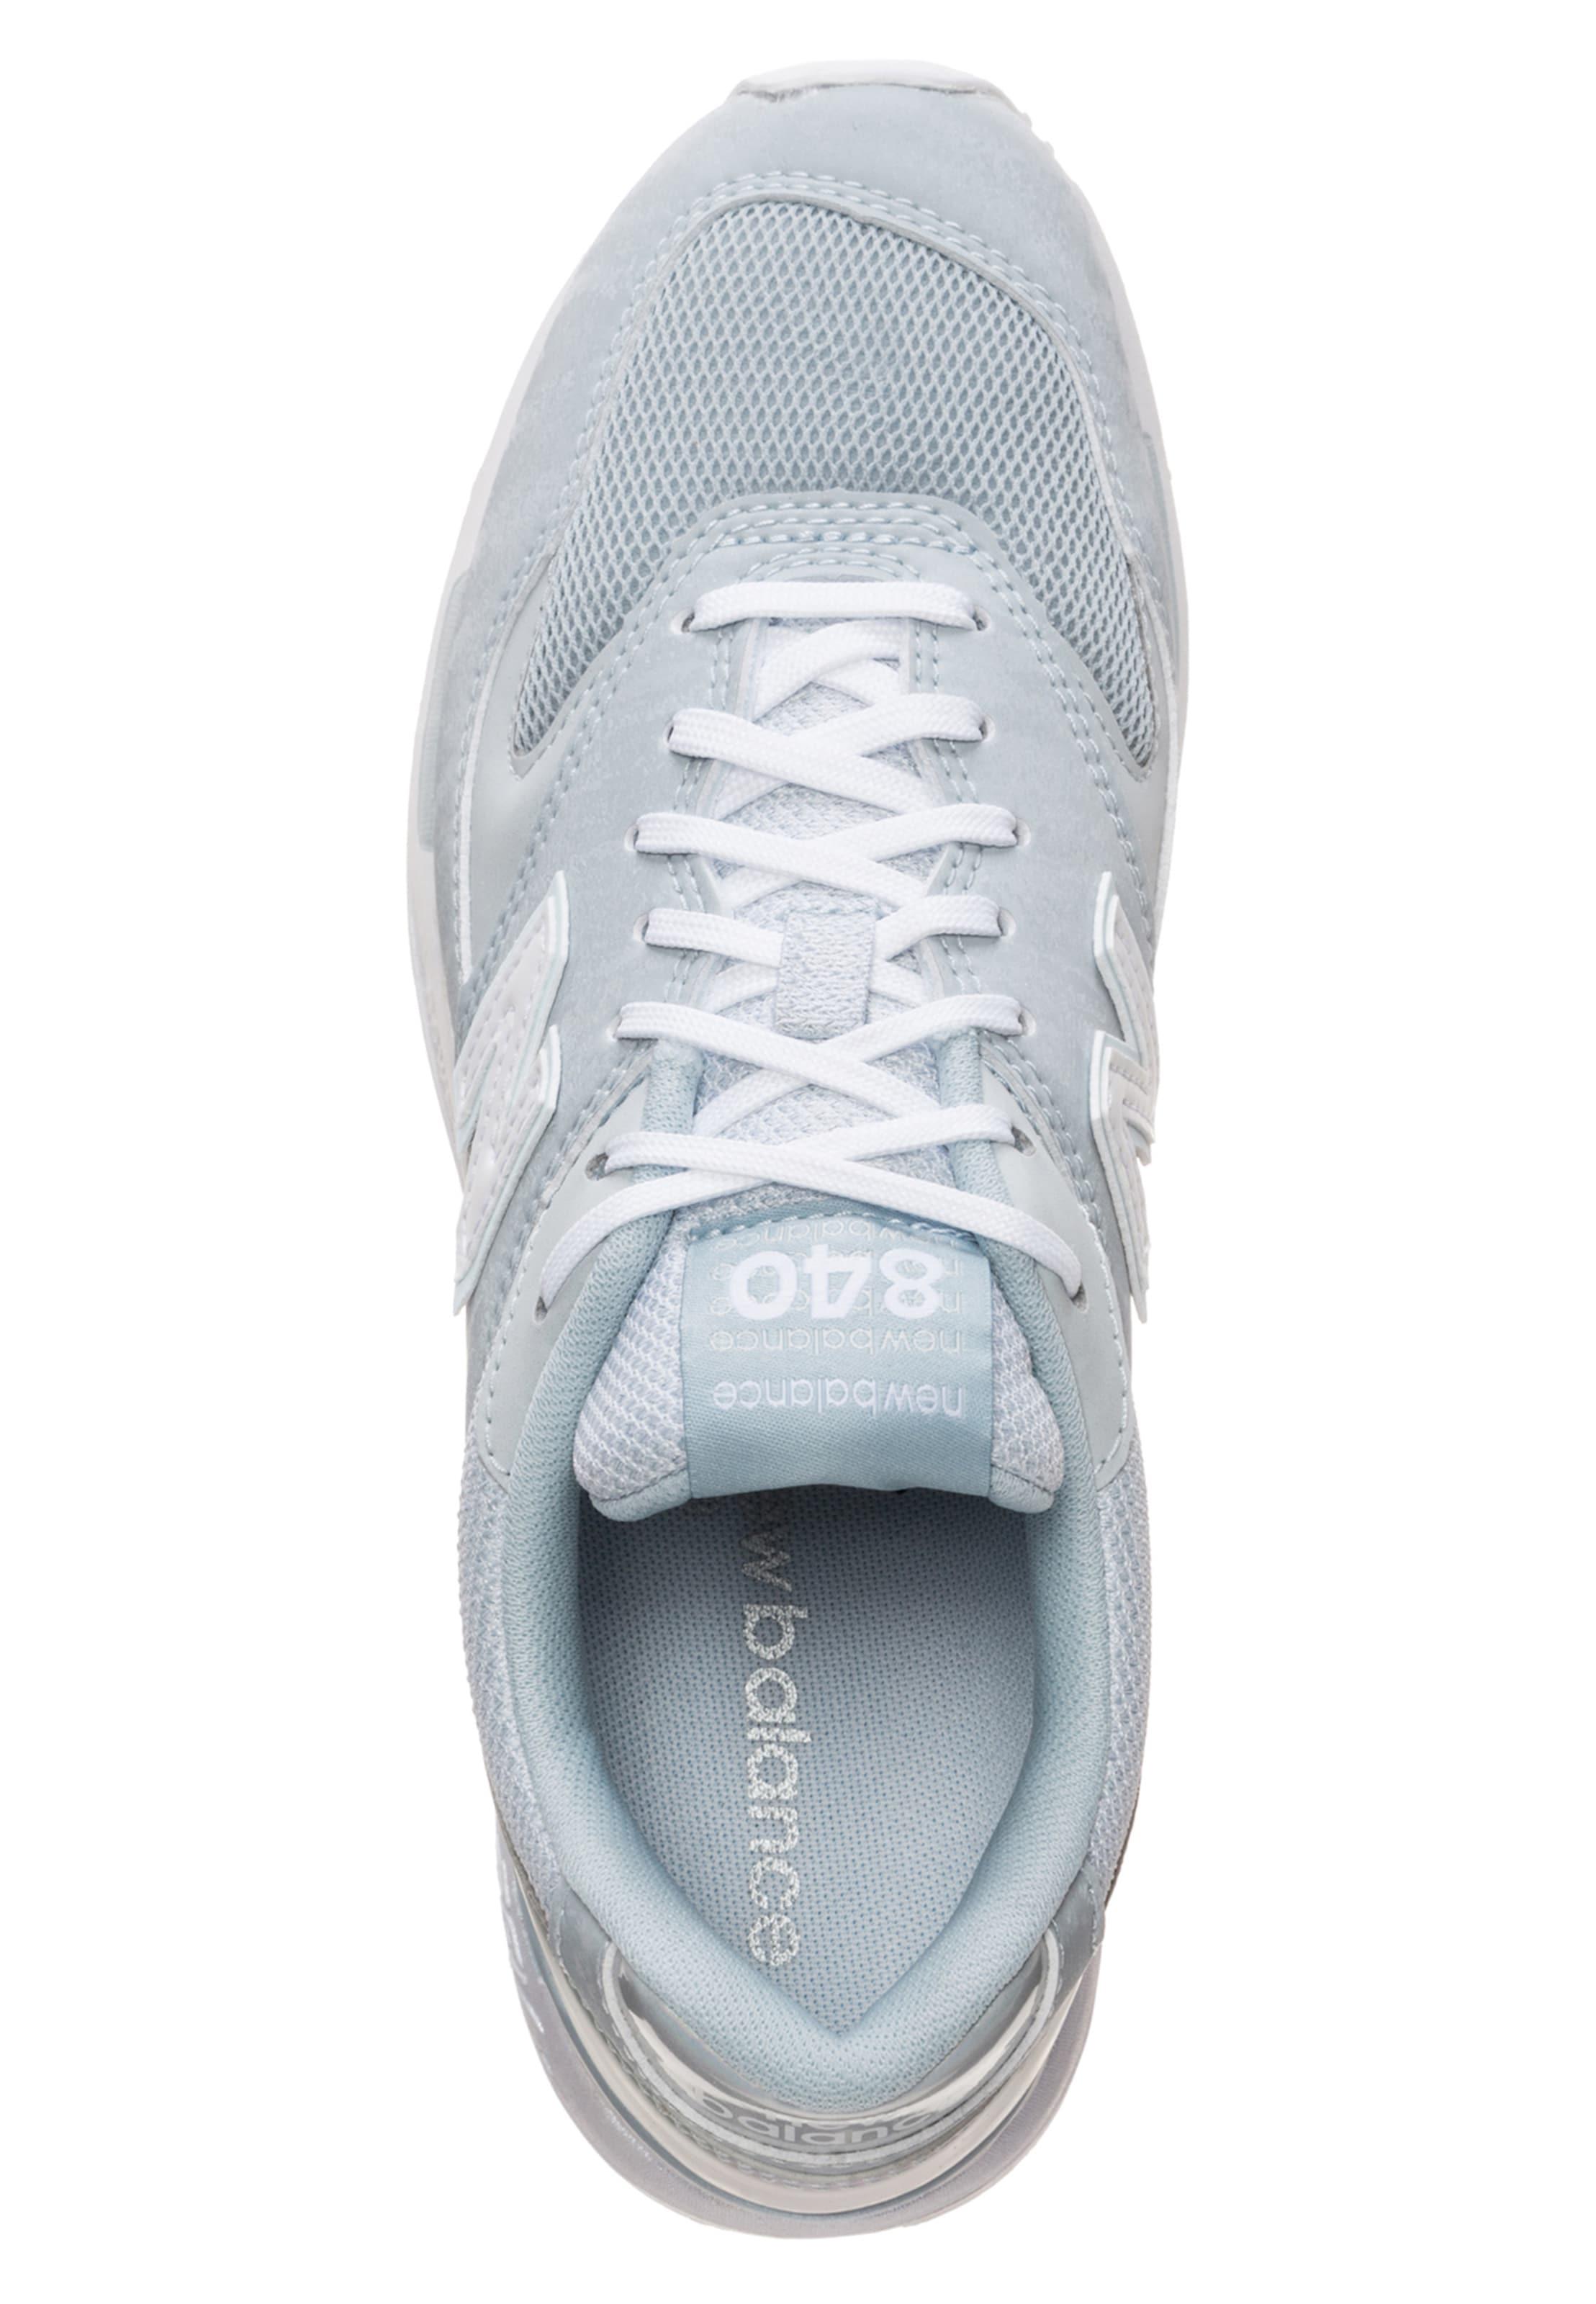 Balance b' pb New Sneaker In 'wl840 Hellblau trQCsdxh